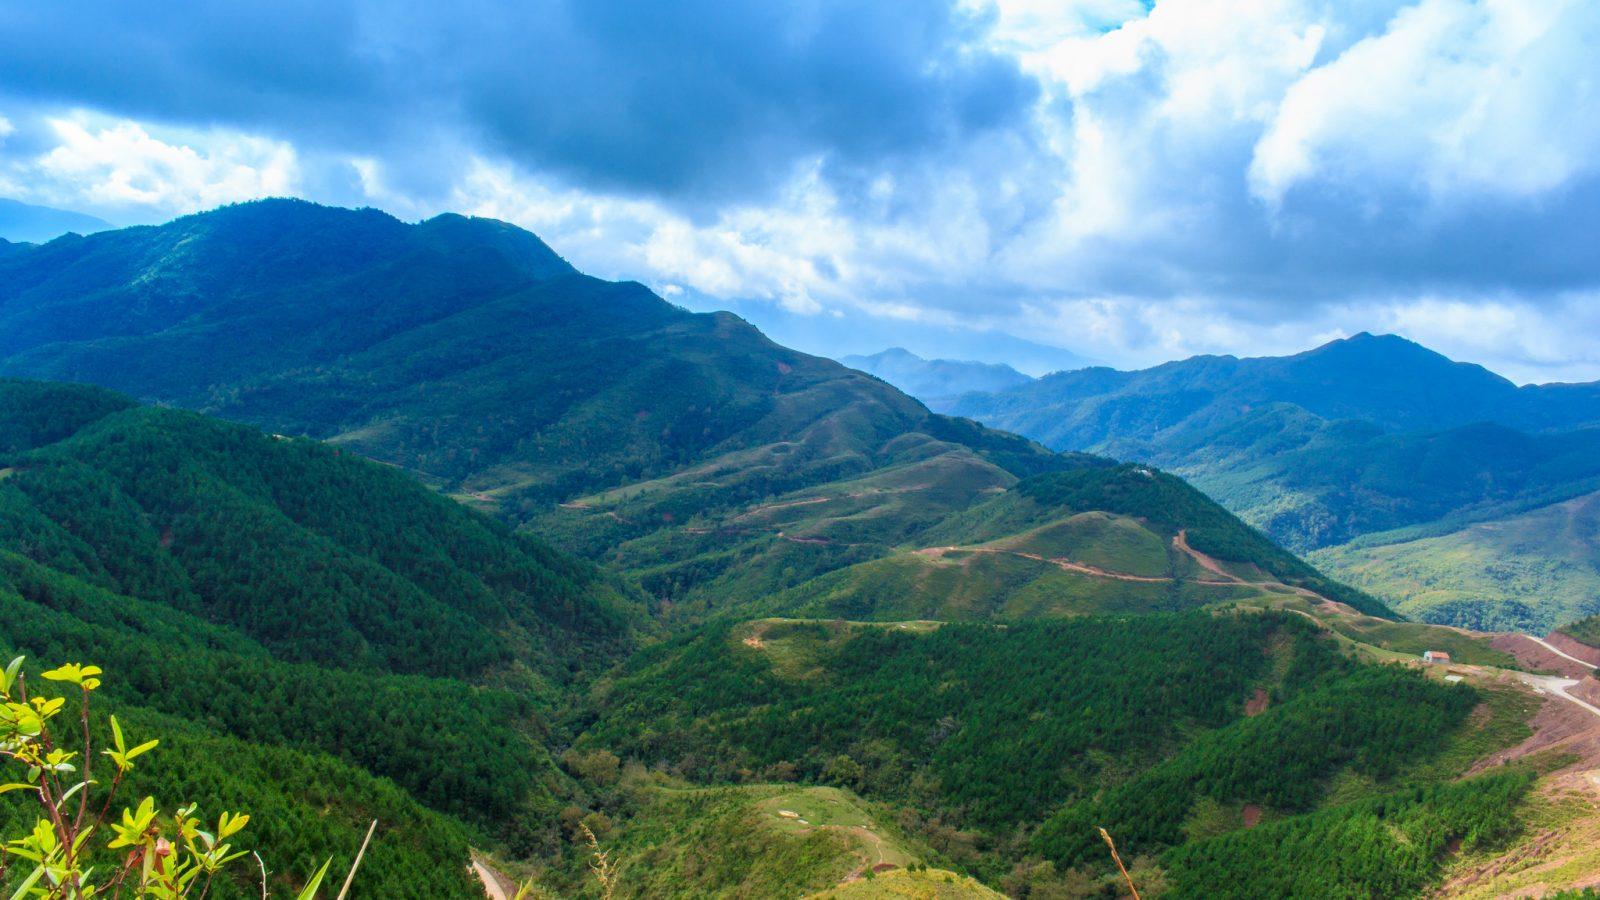 Đồi núi đẹp ở Việt Nam - Thông tin & hướng dẫn phượt an toàn, vui vẻ